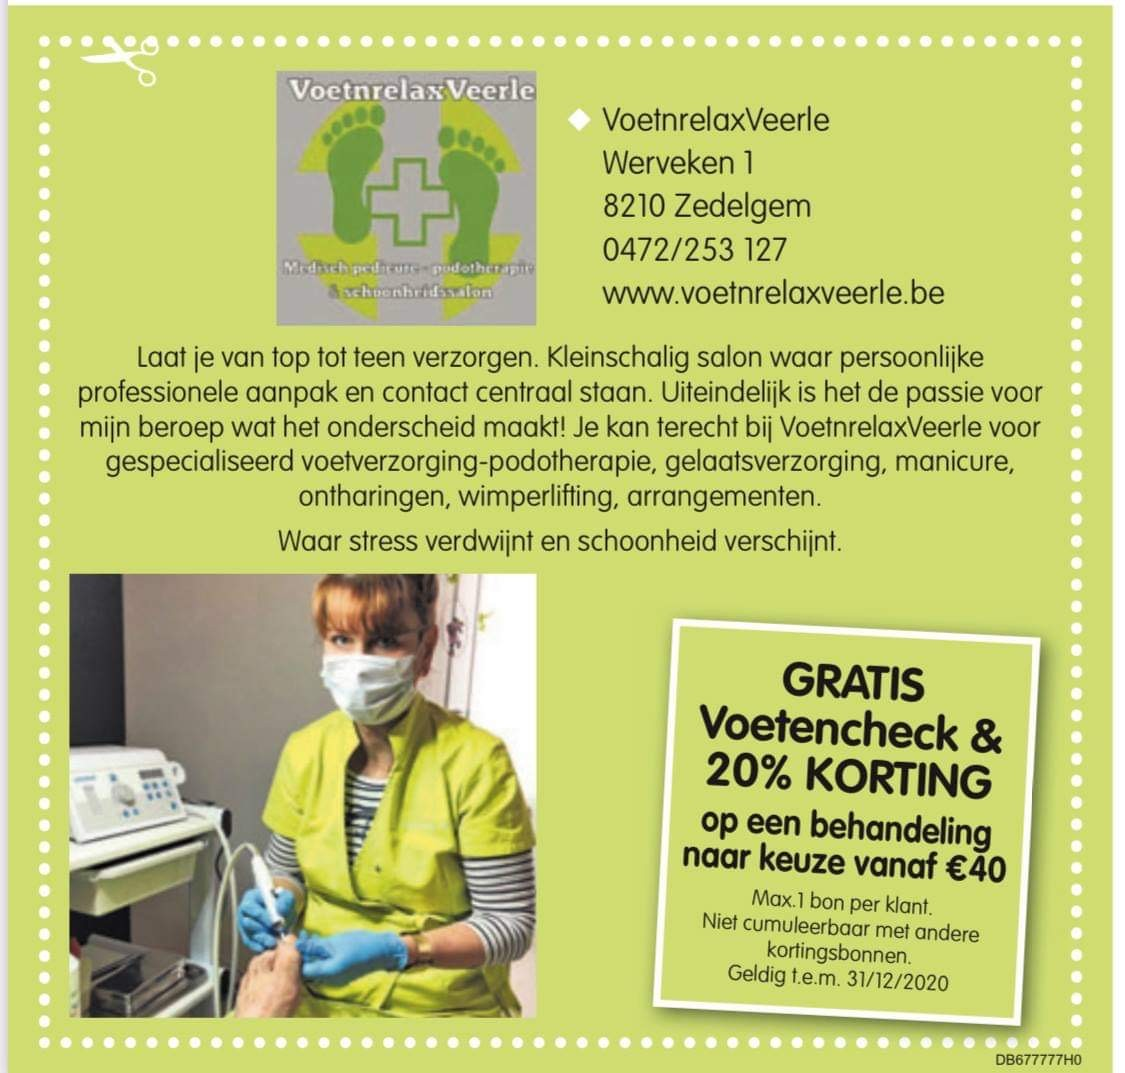 -20% Korting Zedelgem bonnenkrant